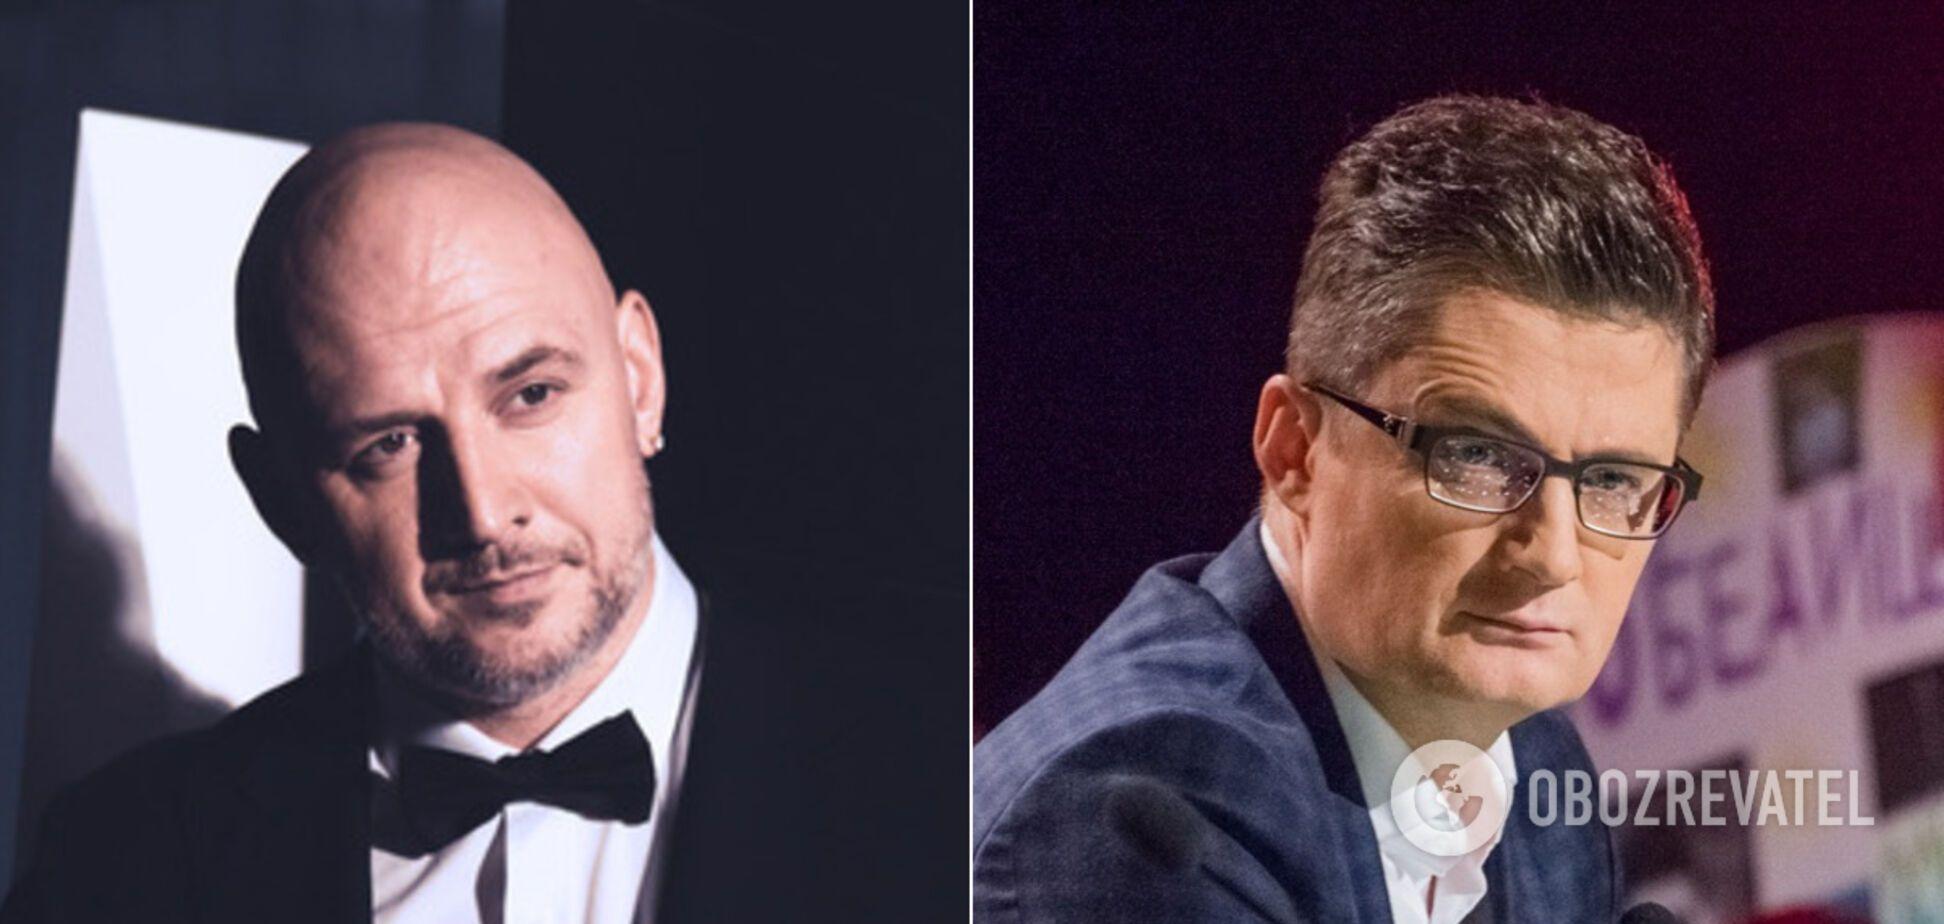 Потап став заслуженим артистом України, а Кондратюк пригадав йому зняті штани на концерті в Росії